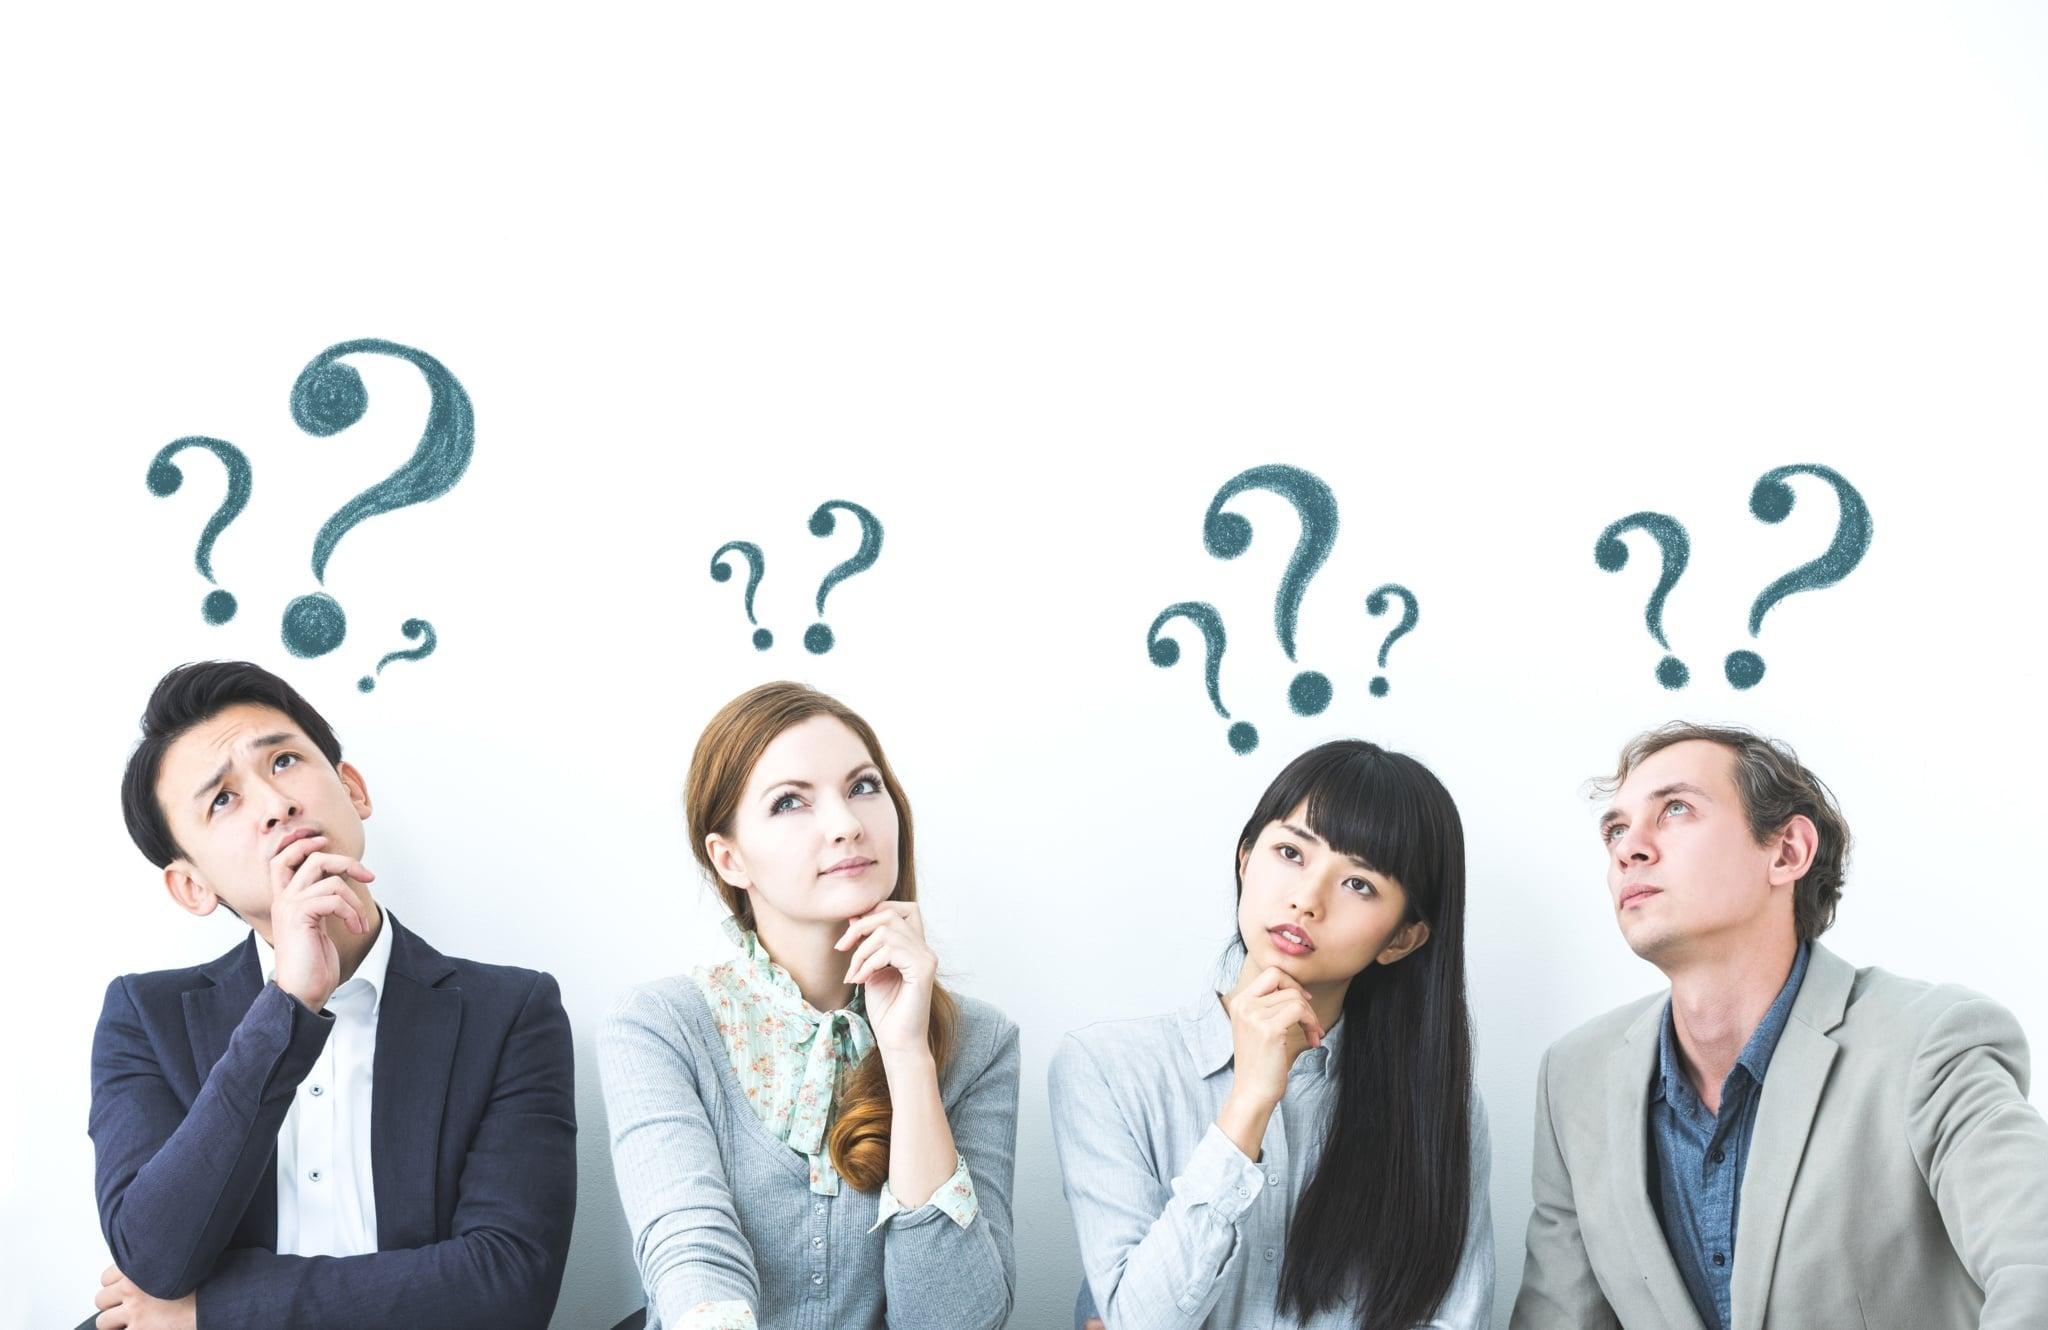 企業ホームページの必要性とは? 作成しないデメリットを徹底解説